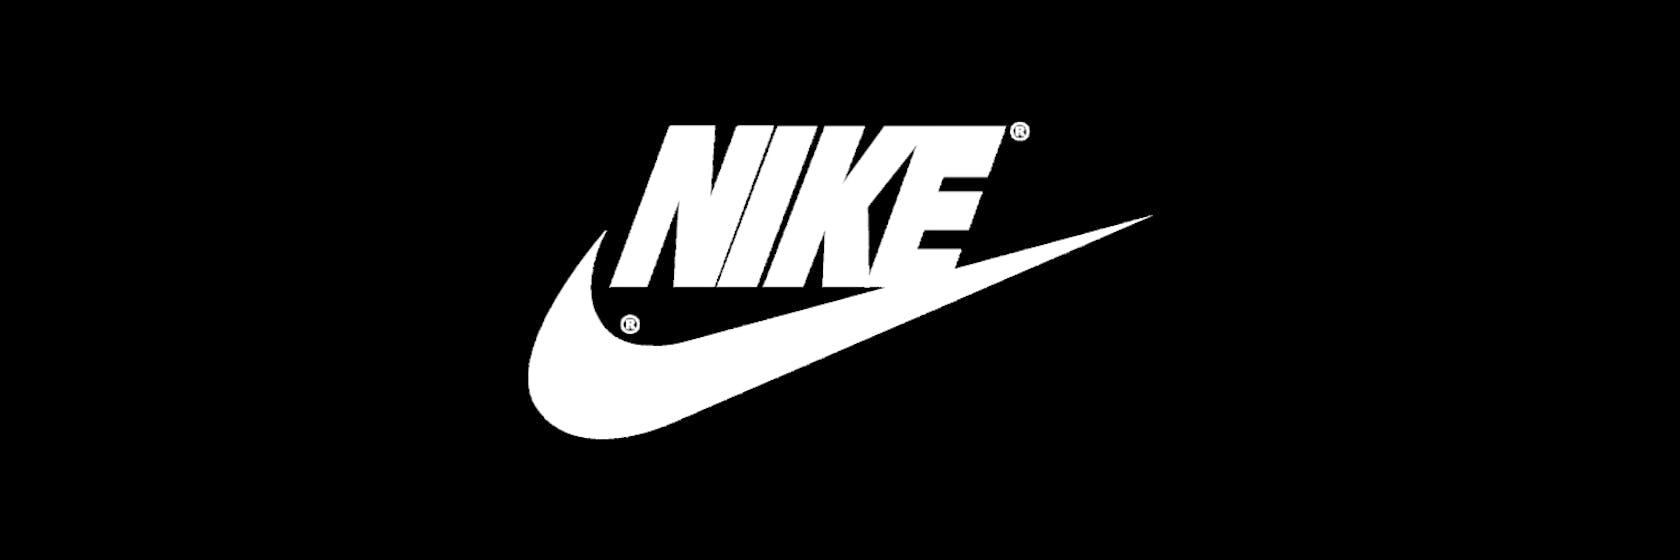 Nike Sportswear Onlineshop